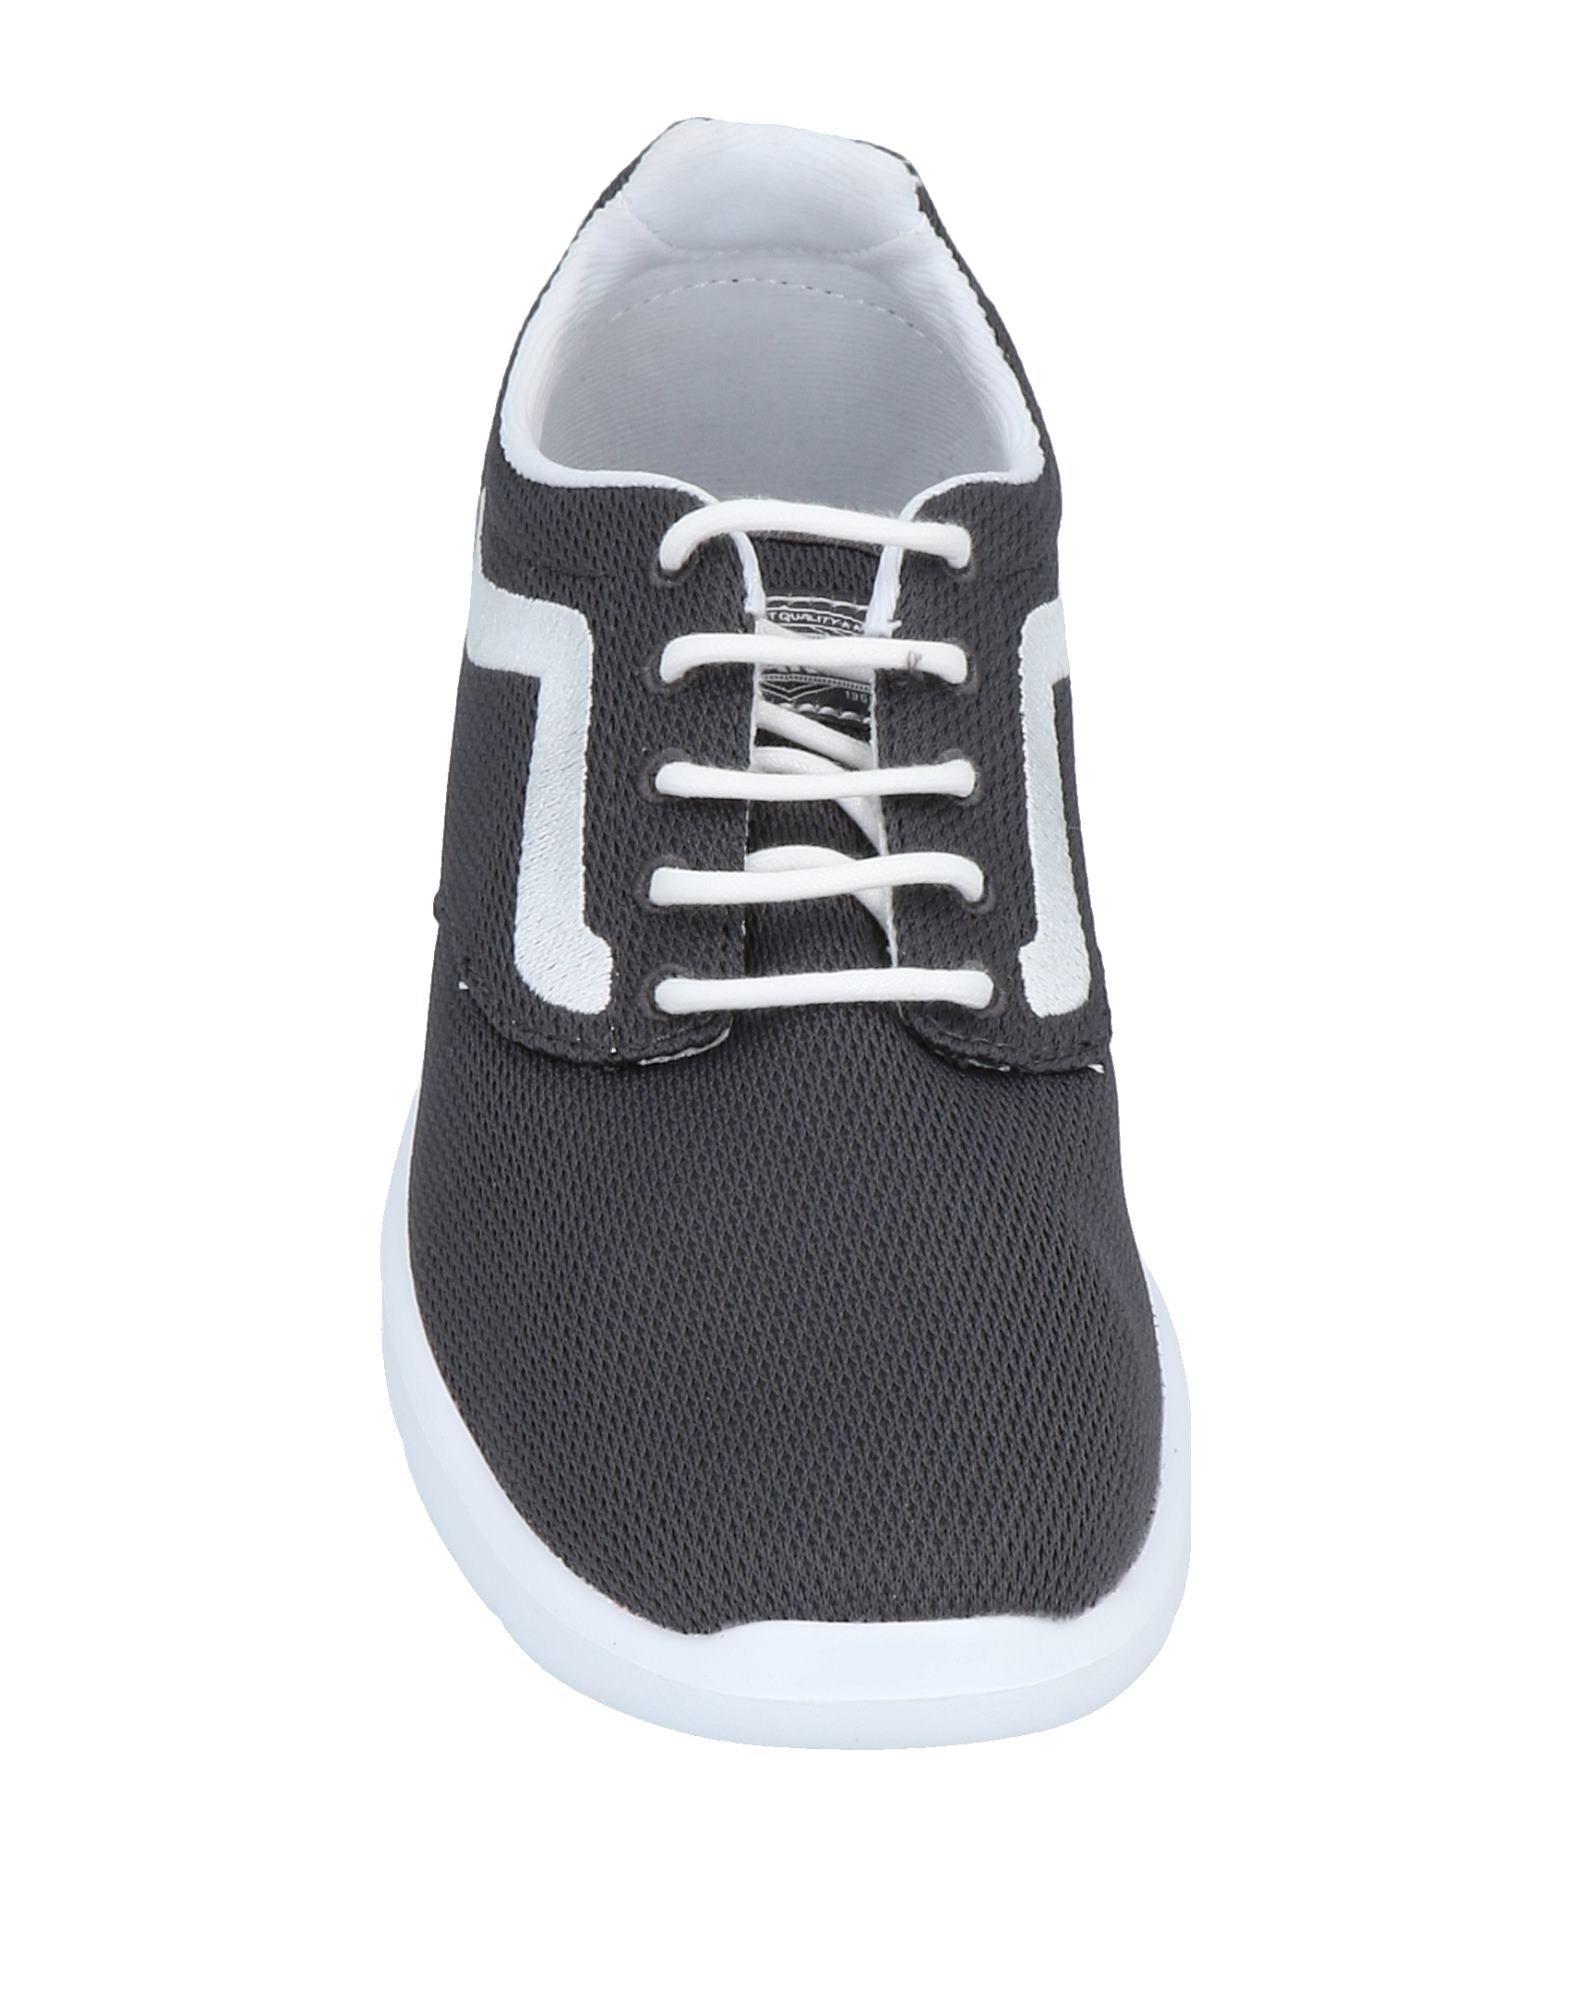 Vans Sneakers Gute Damen  11494589WT Gute Sneakers Qualität beliebte Schuhe a678b2